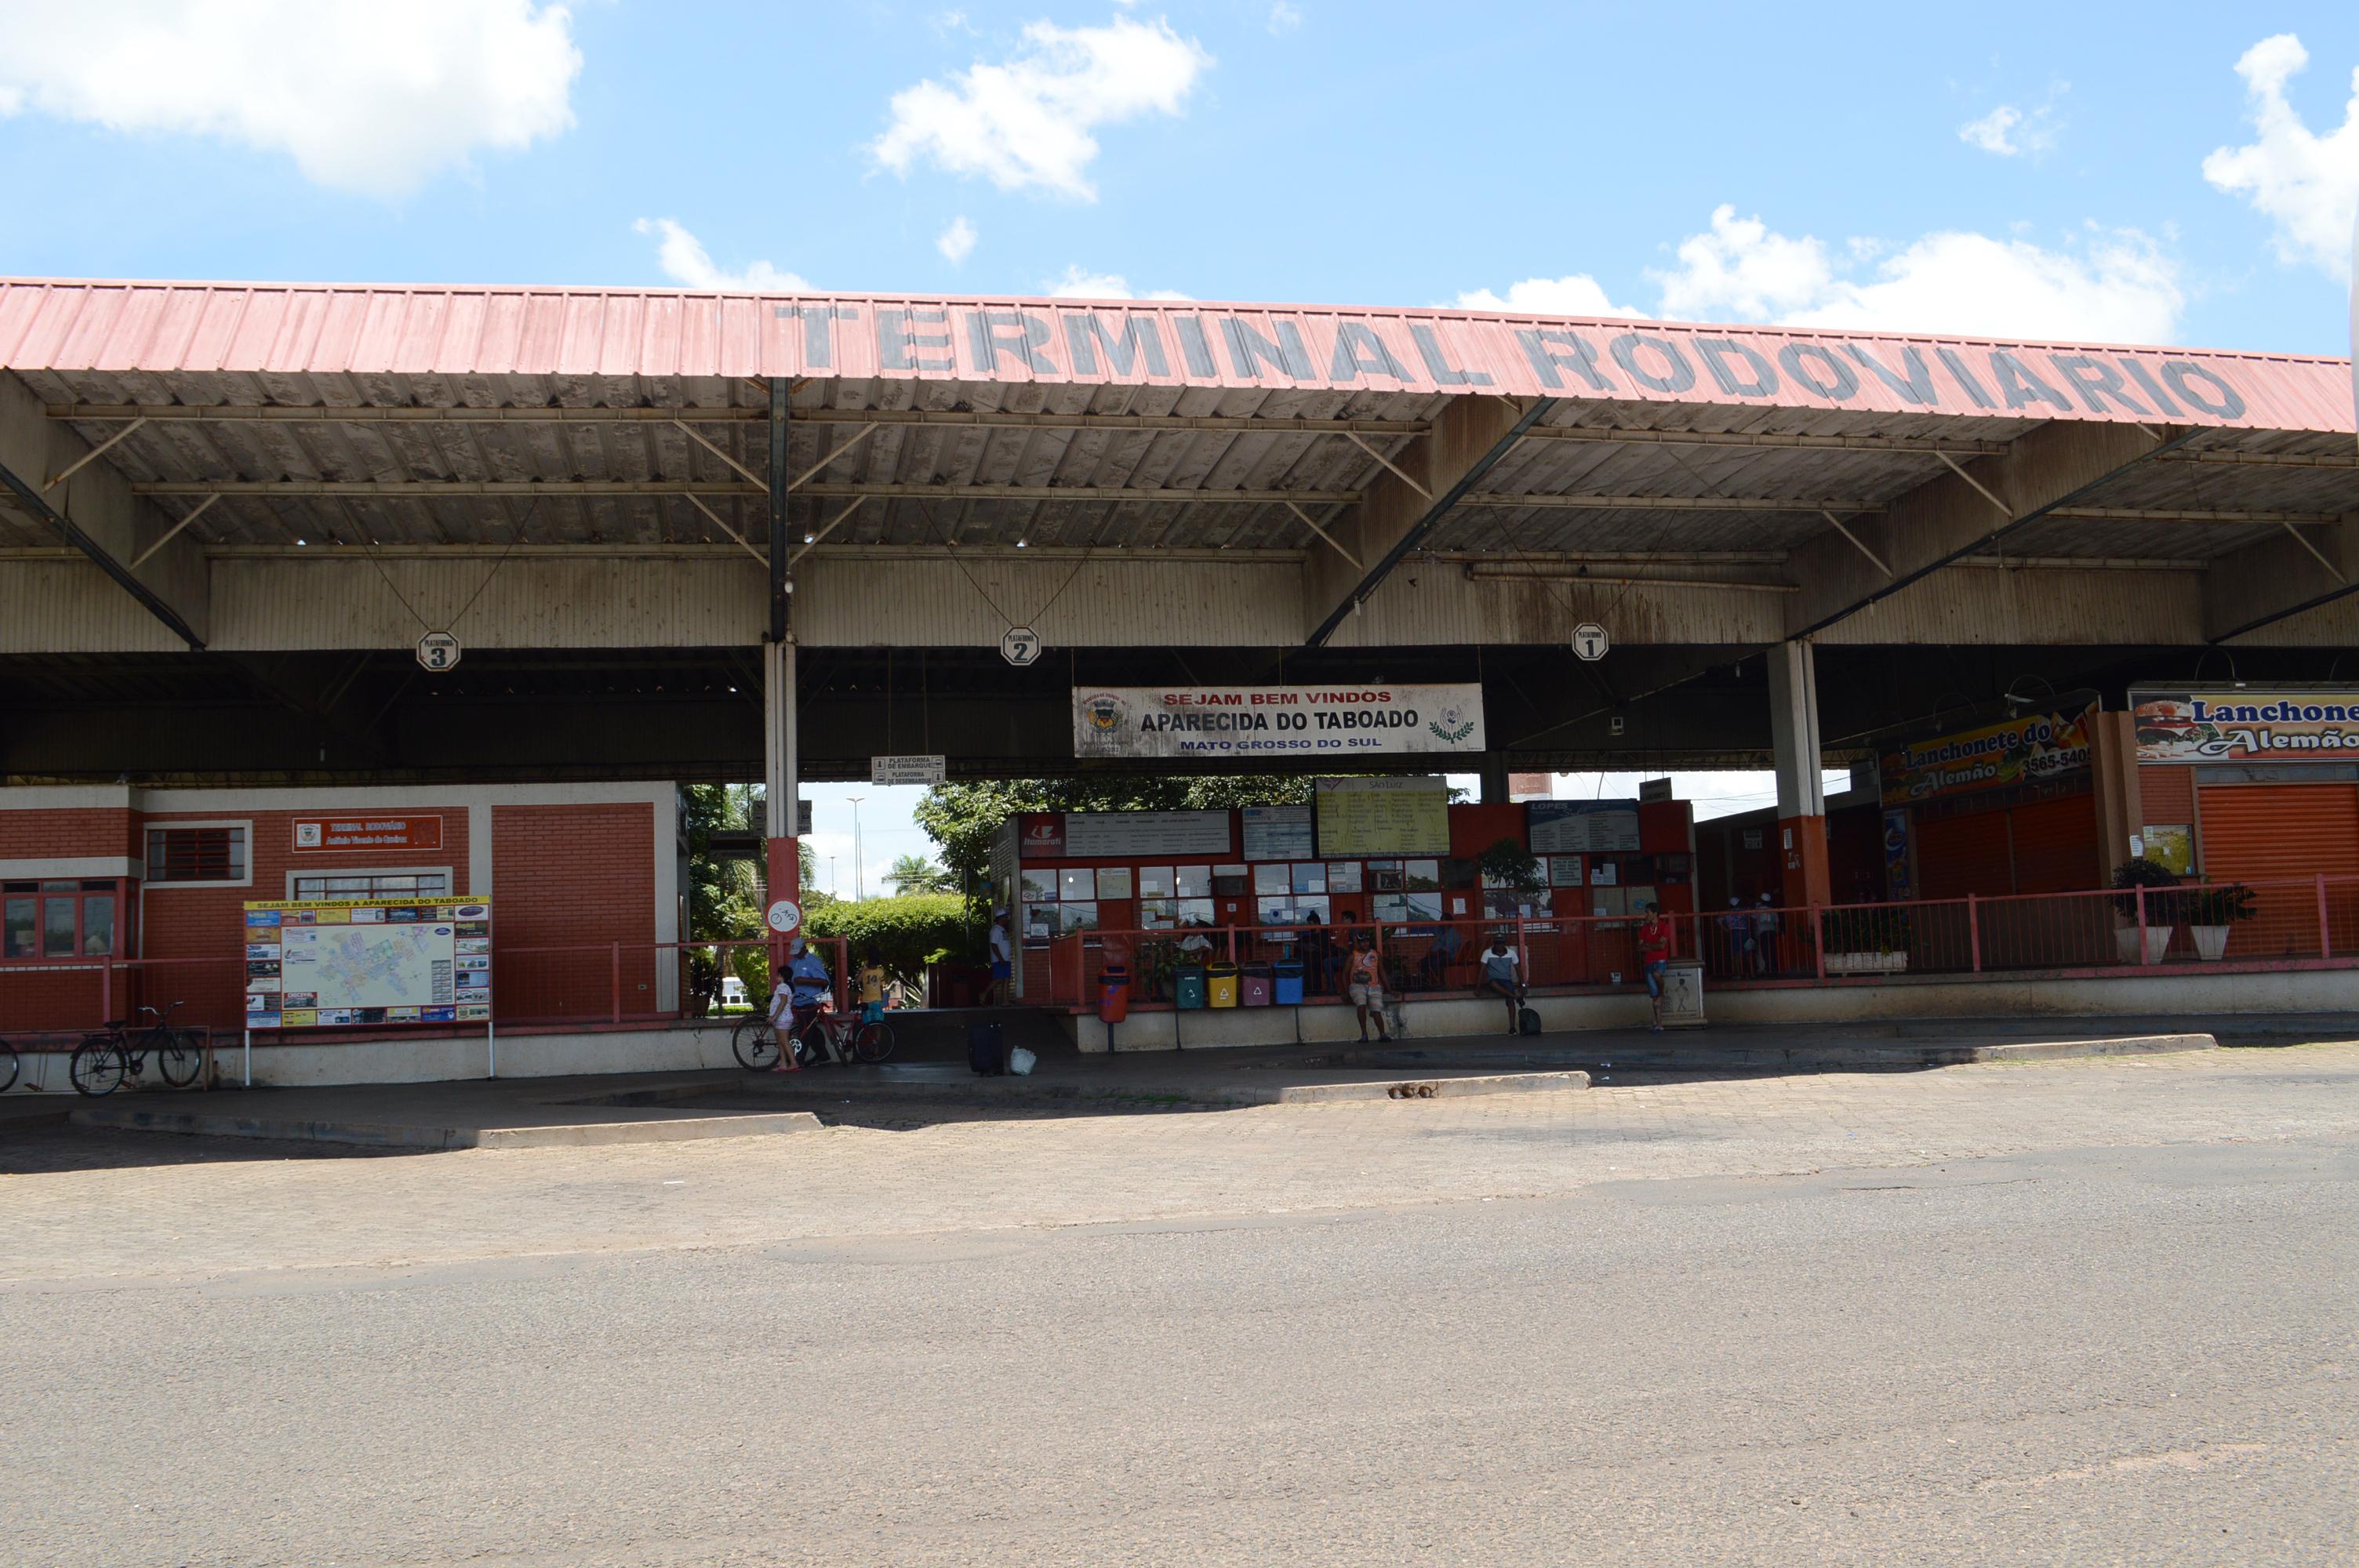 Aparecida do Taboado Mato Grosso do Sul fonte: upload.wikimedia.org